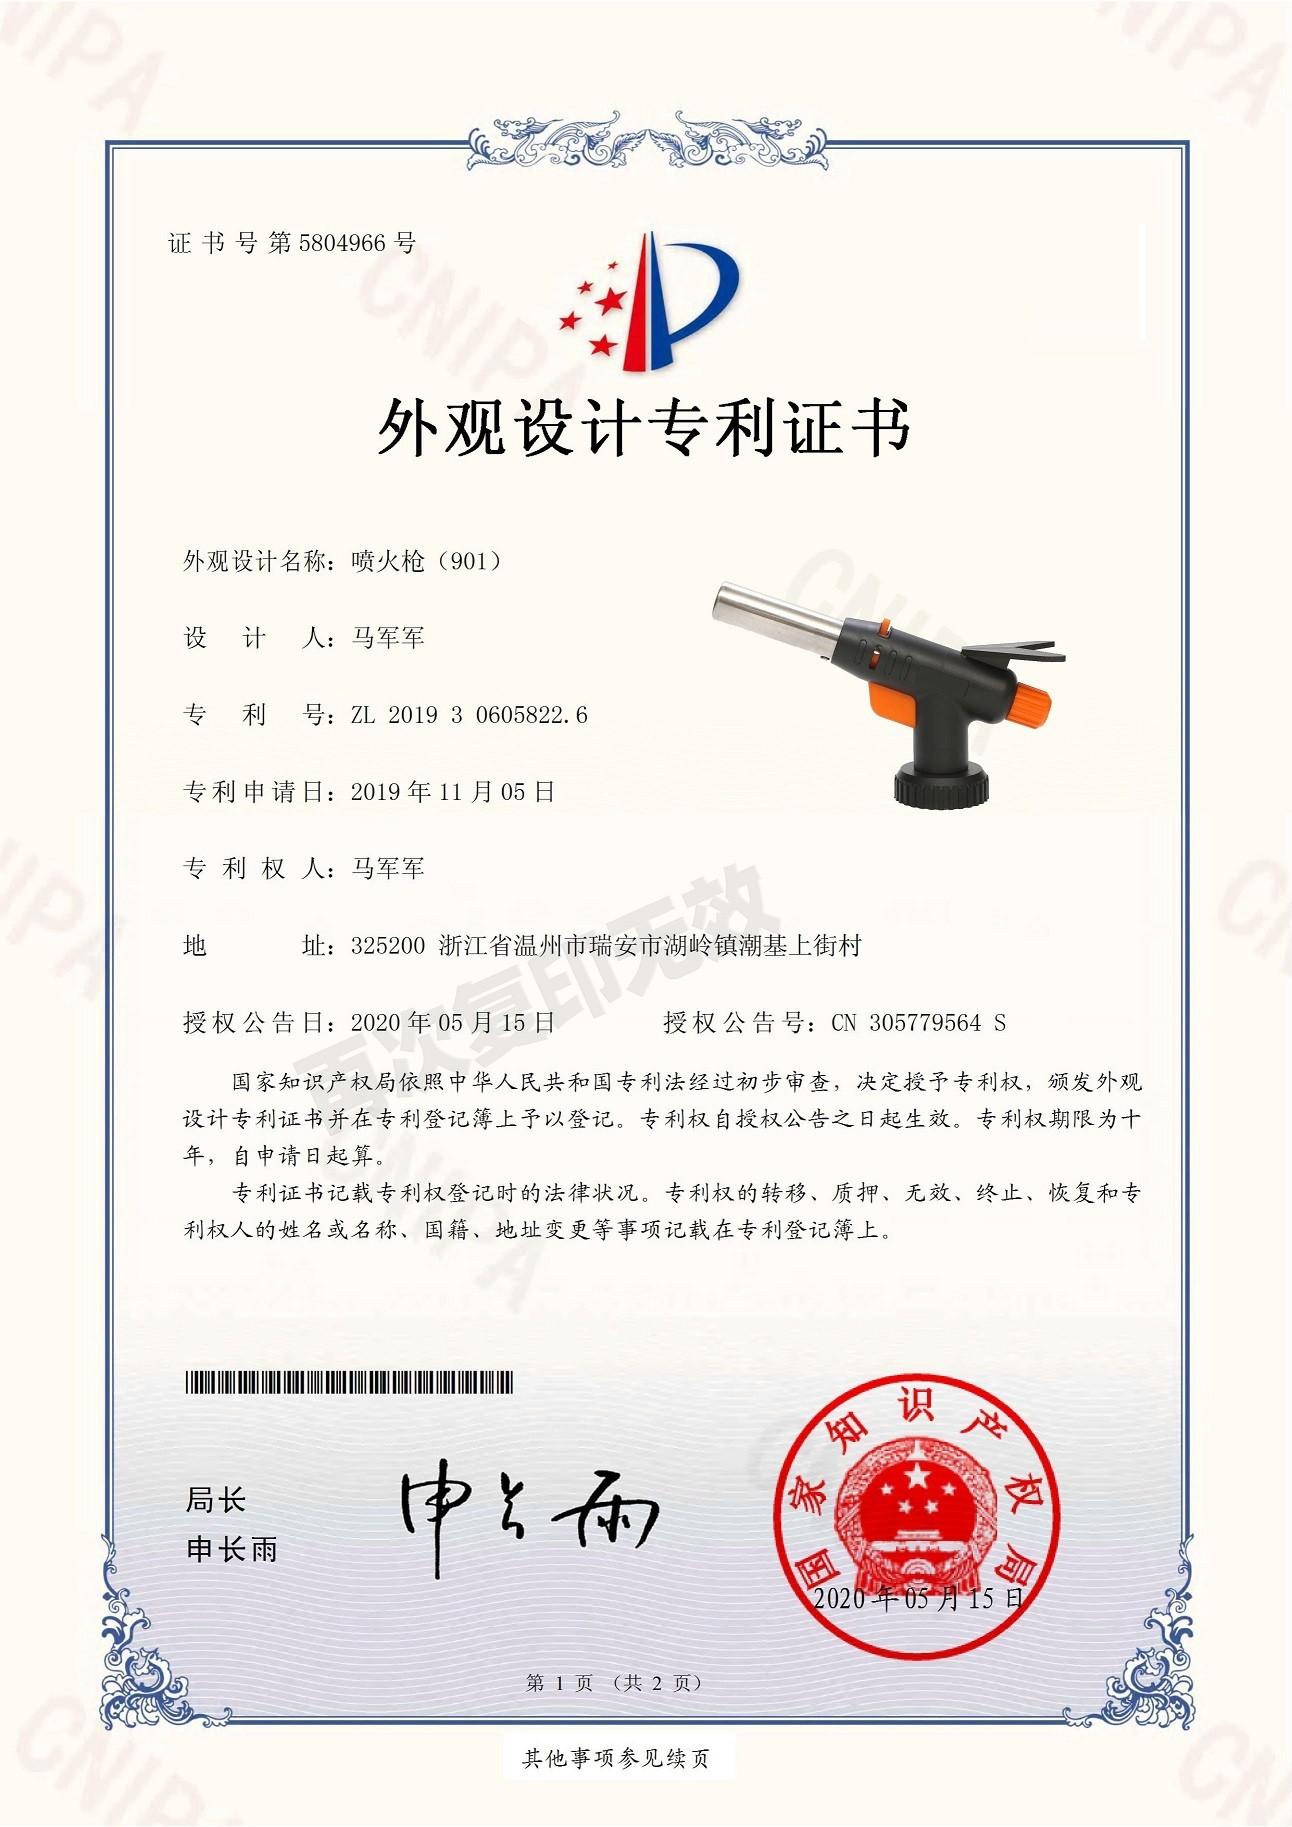 """""""瑞涵喷火枪""""获得外观设计专利"""